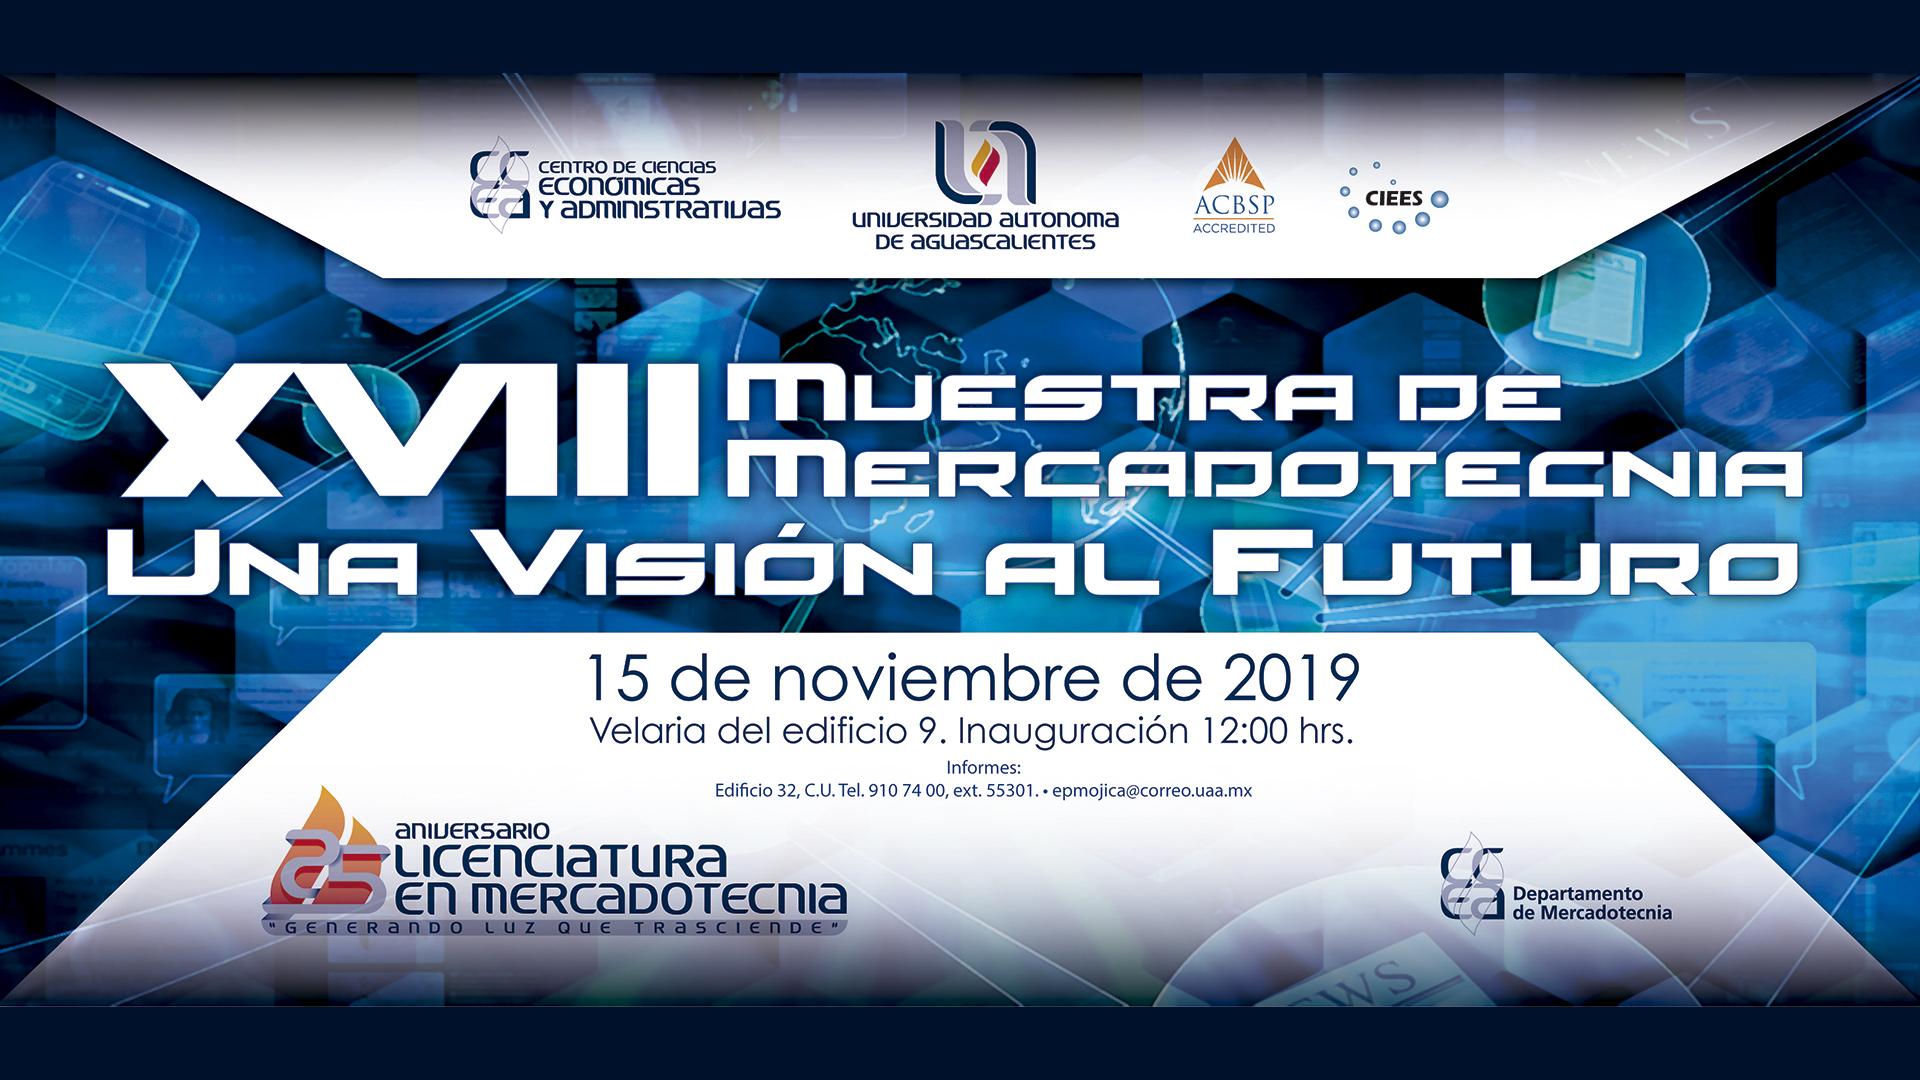 XVIII Muestra de mercadotecnia/ Una visión al futuro